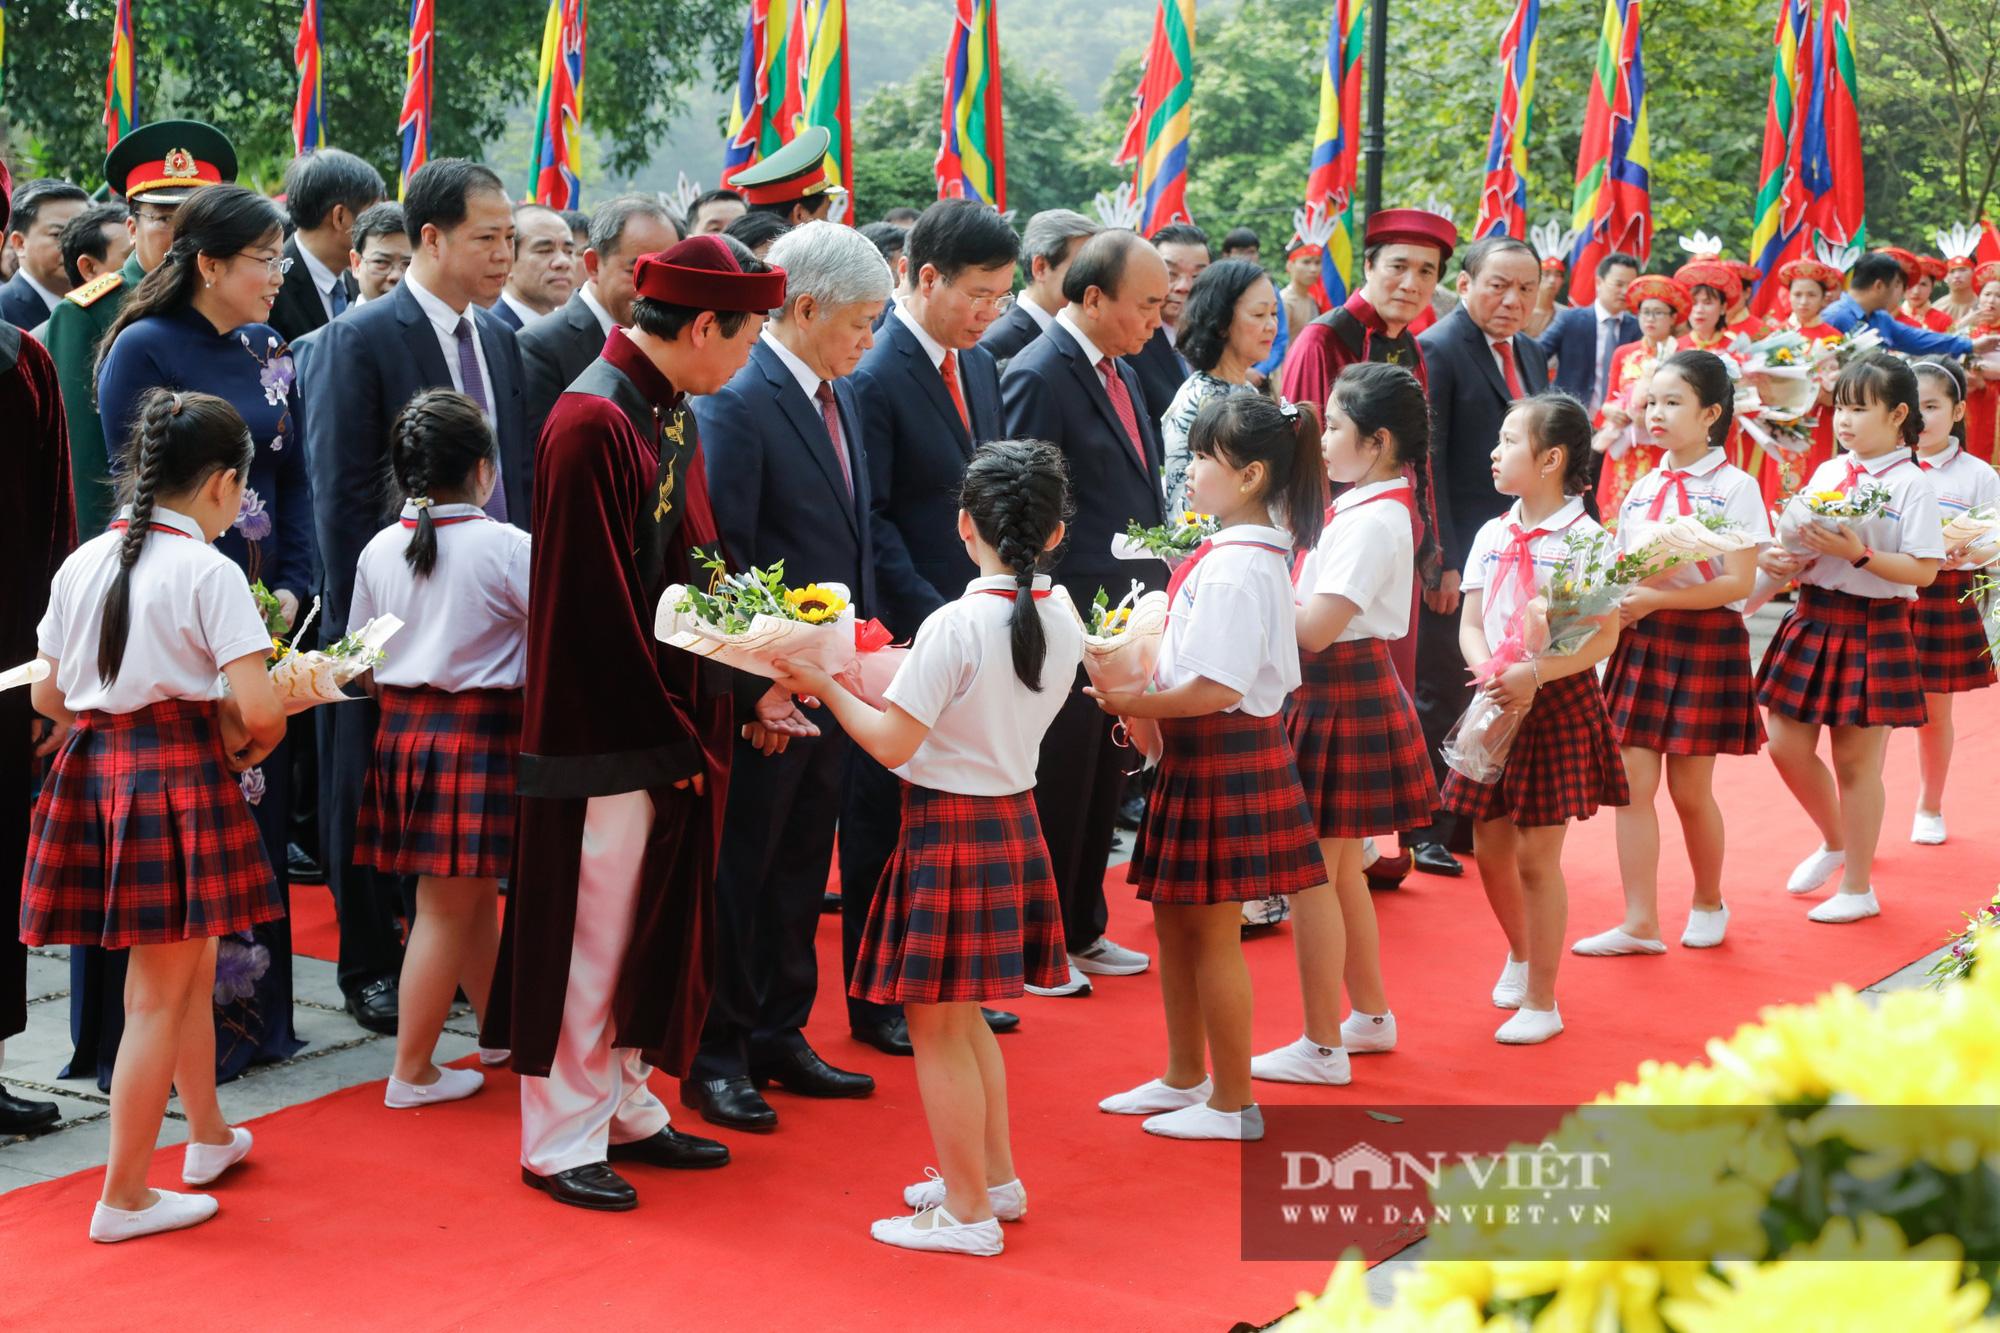 Chủ tịch nước Nguyễn Xuân Phúc dâng hương tưởng nhớ các vua Hùng - Ảnh 1.